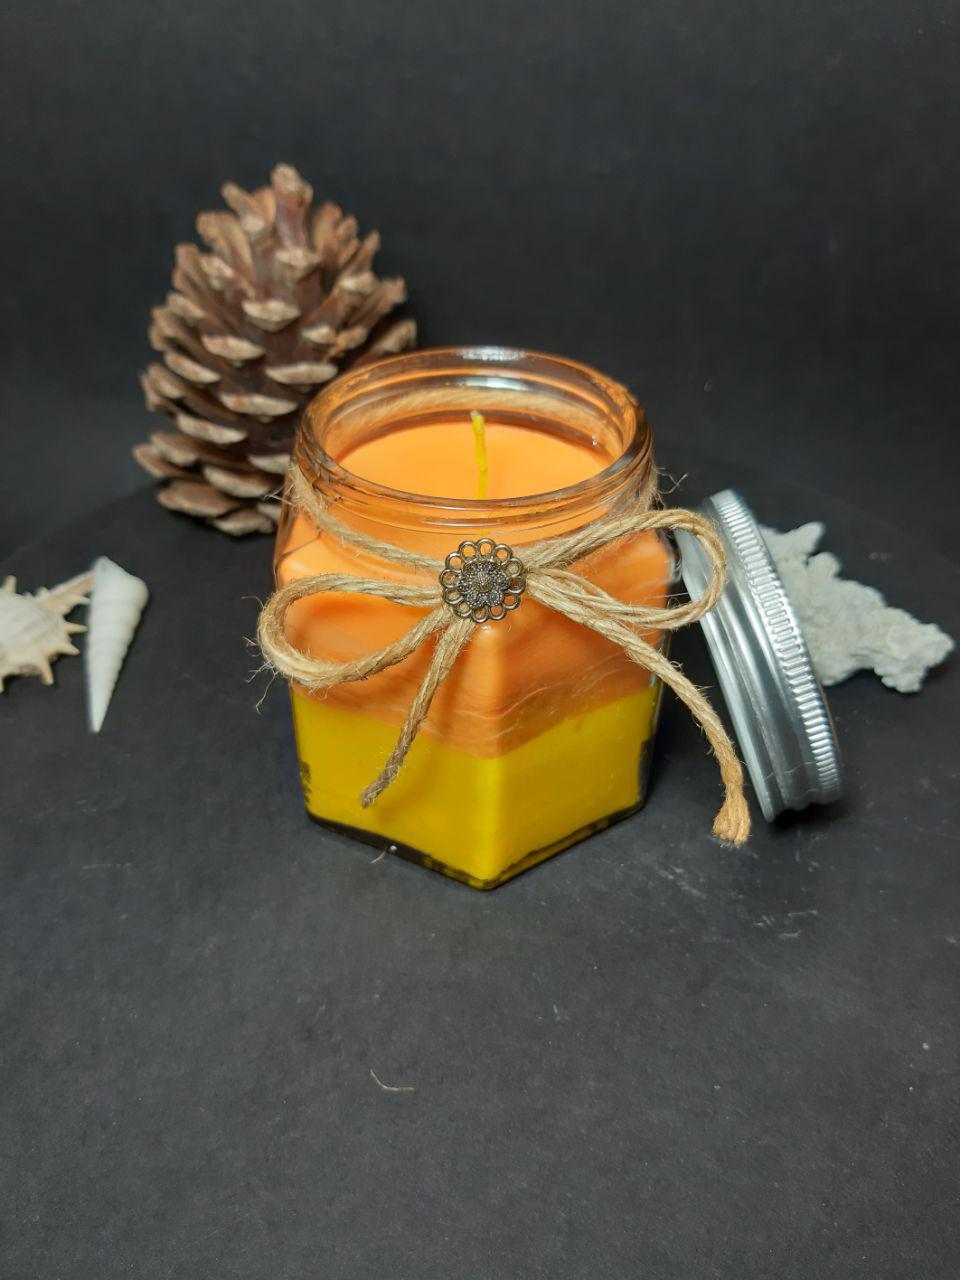 شمع با ظرف شیشه ای